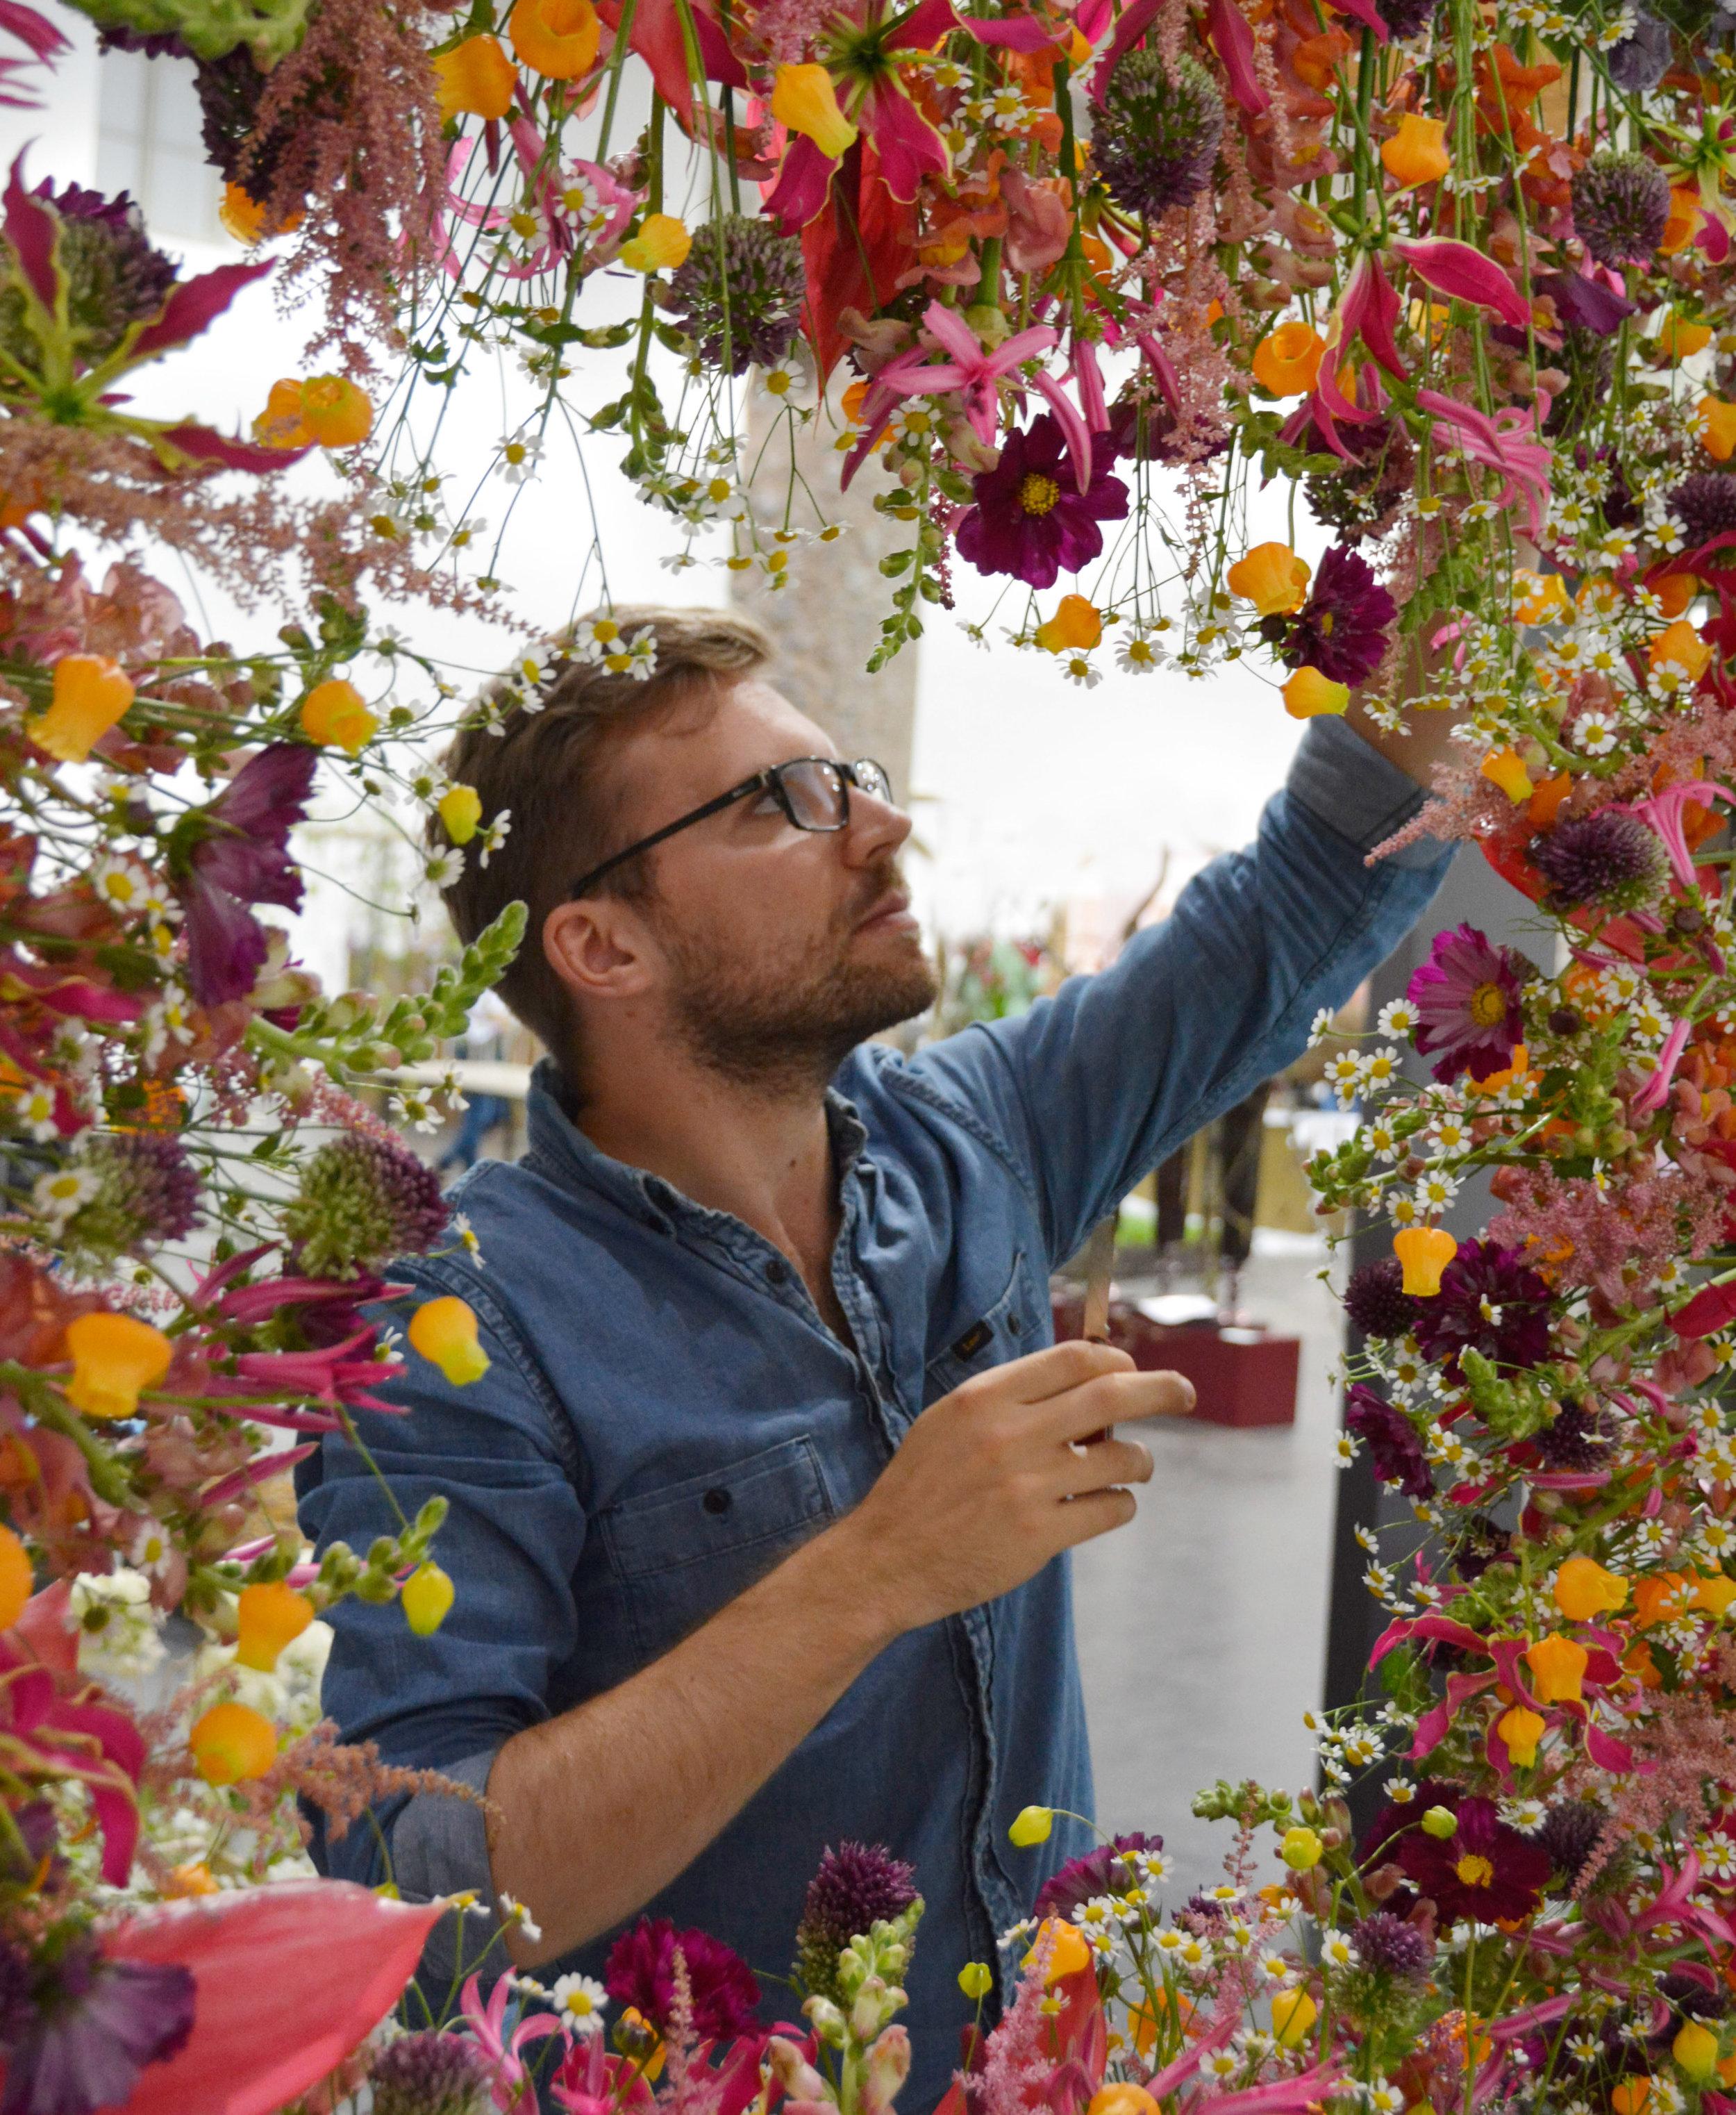 Der Münchner, Benedikt Alberter, der zur Zeit in der Schweiz lebt und arbeitet, schuf einen so eindrücklichen Rahmen aus Blüten, dass er es sich leisten konnte, das Bildinnere offen zu lassen.